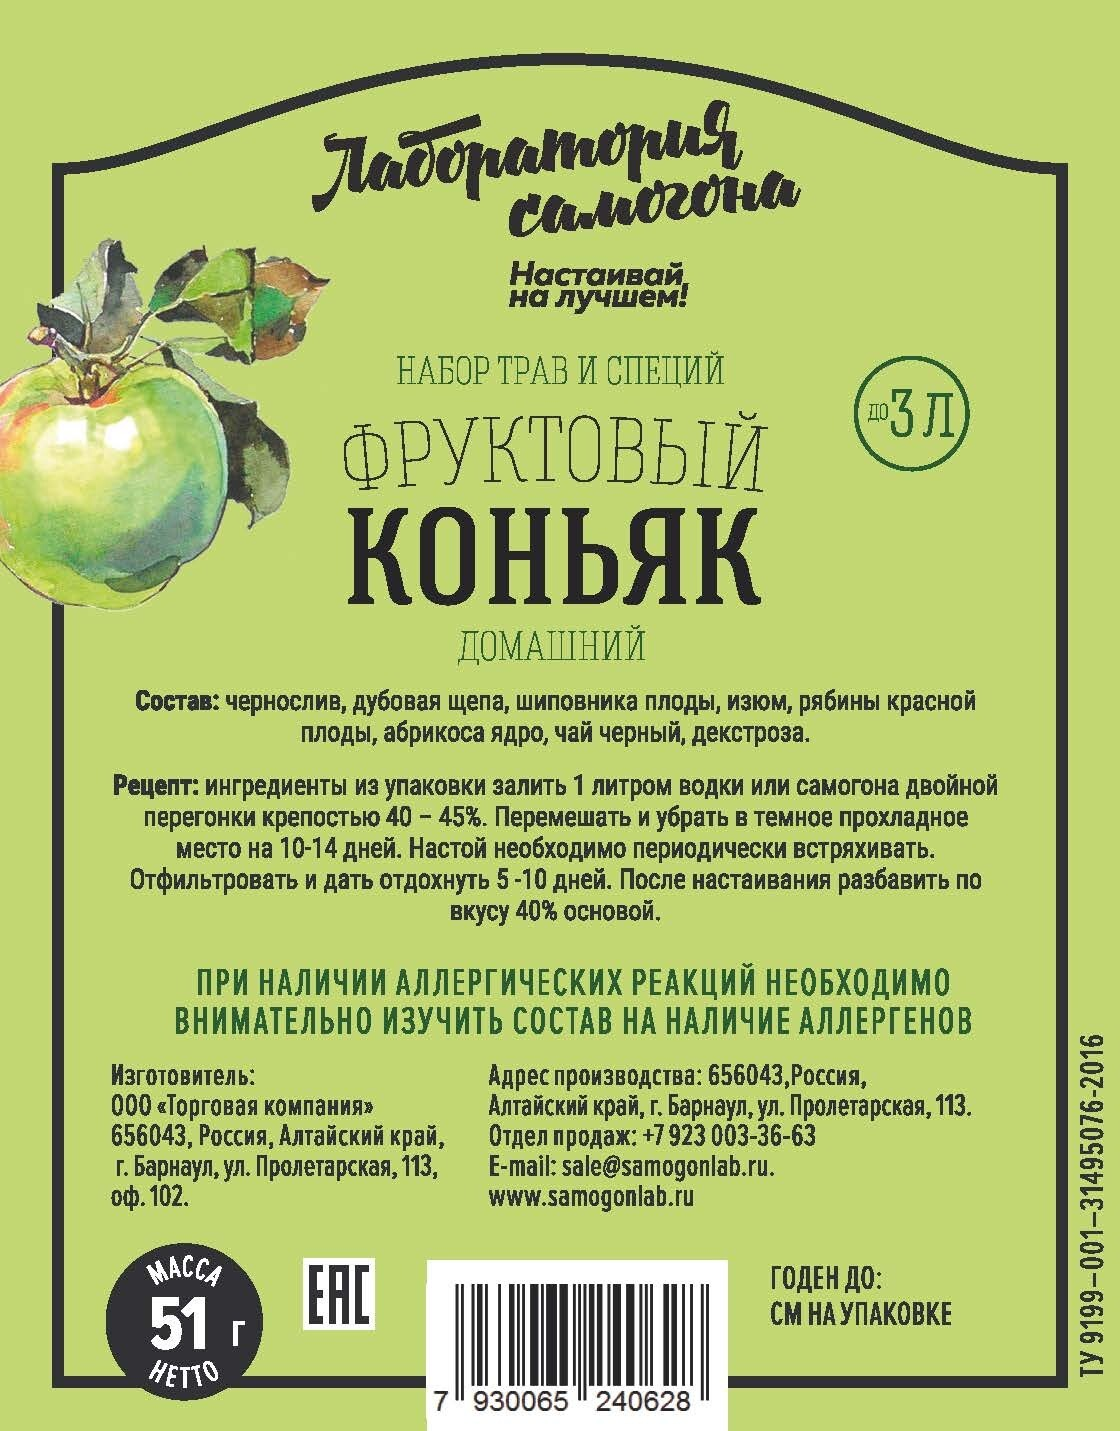 Коньяк домашний фруктовый/набор трав и специй